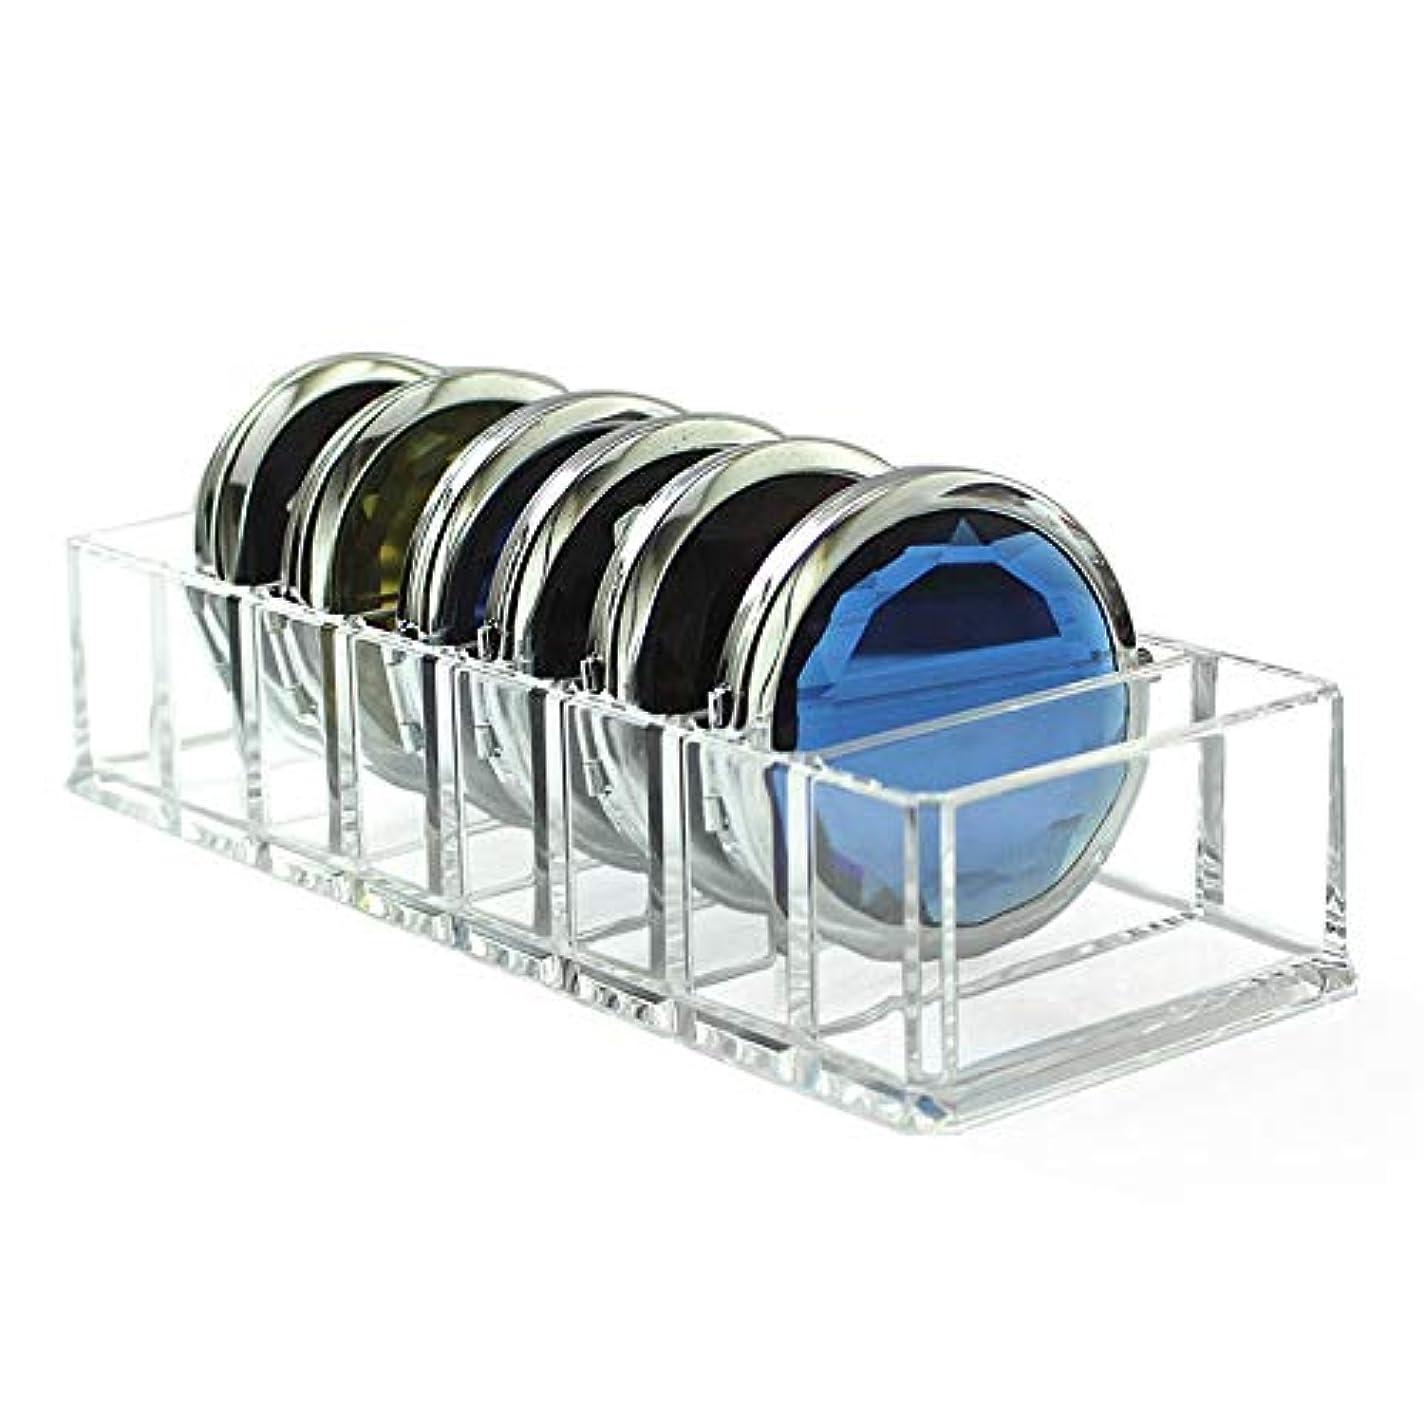 投資する背景ヒップ整理簡単 化粧品アイシャドウフェイスパウダー用シンプルアクリルクリアメイクオーガナイザーホルダー収納ケースボックス (Color : Clear, Size : 25.5*8.8*4.7cm)